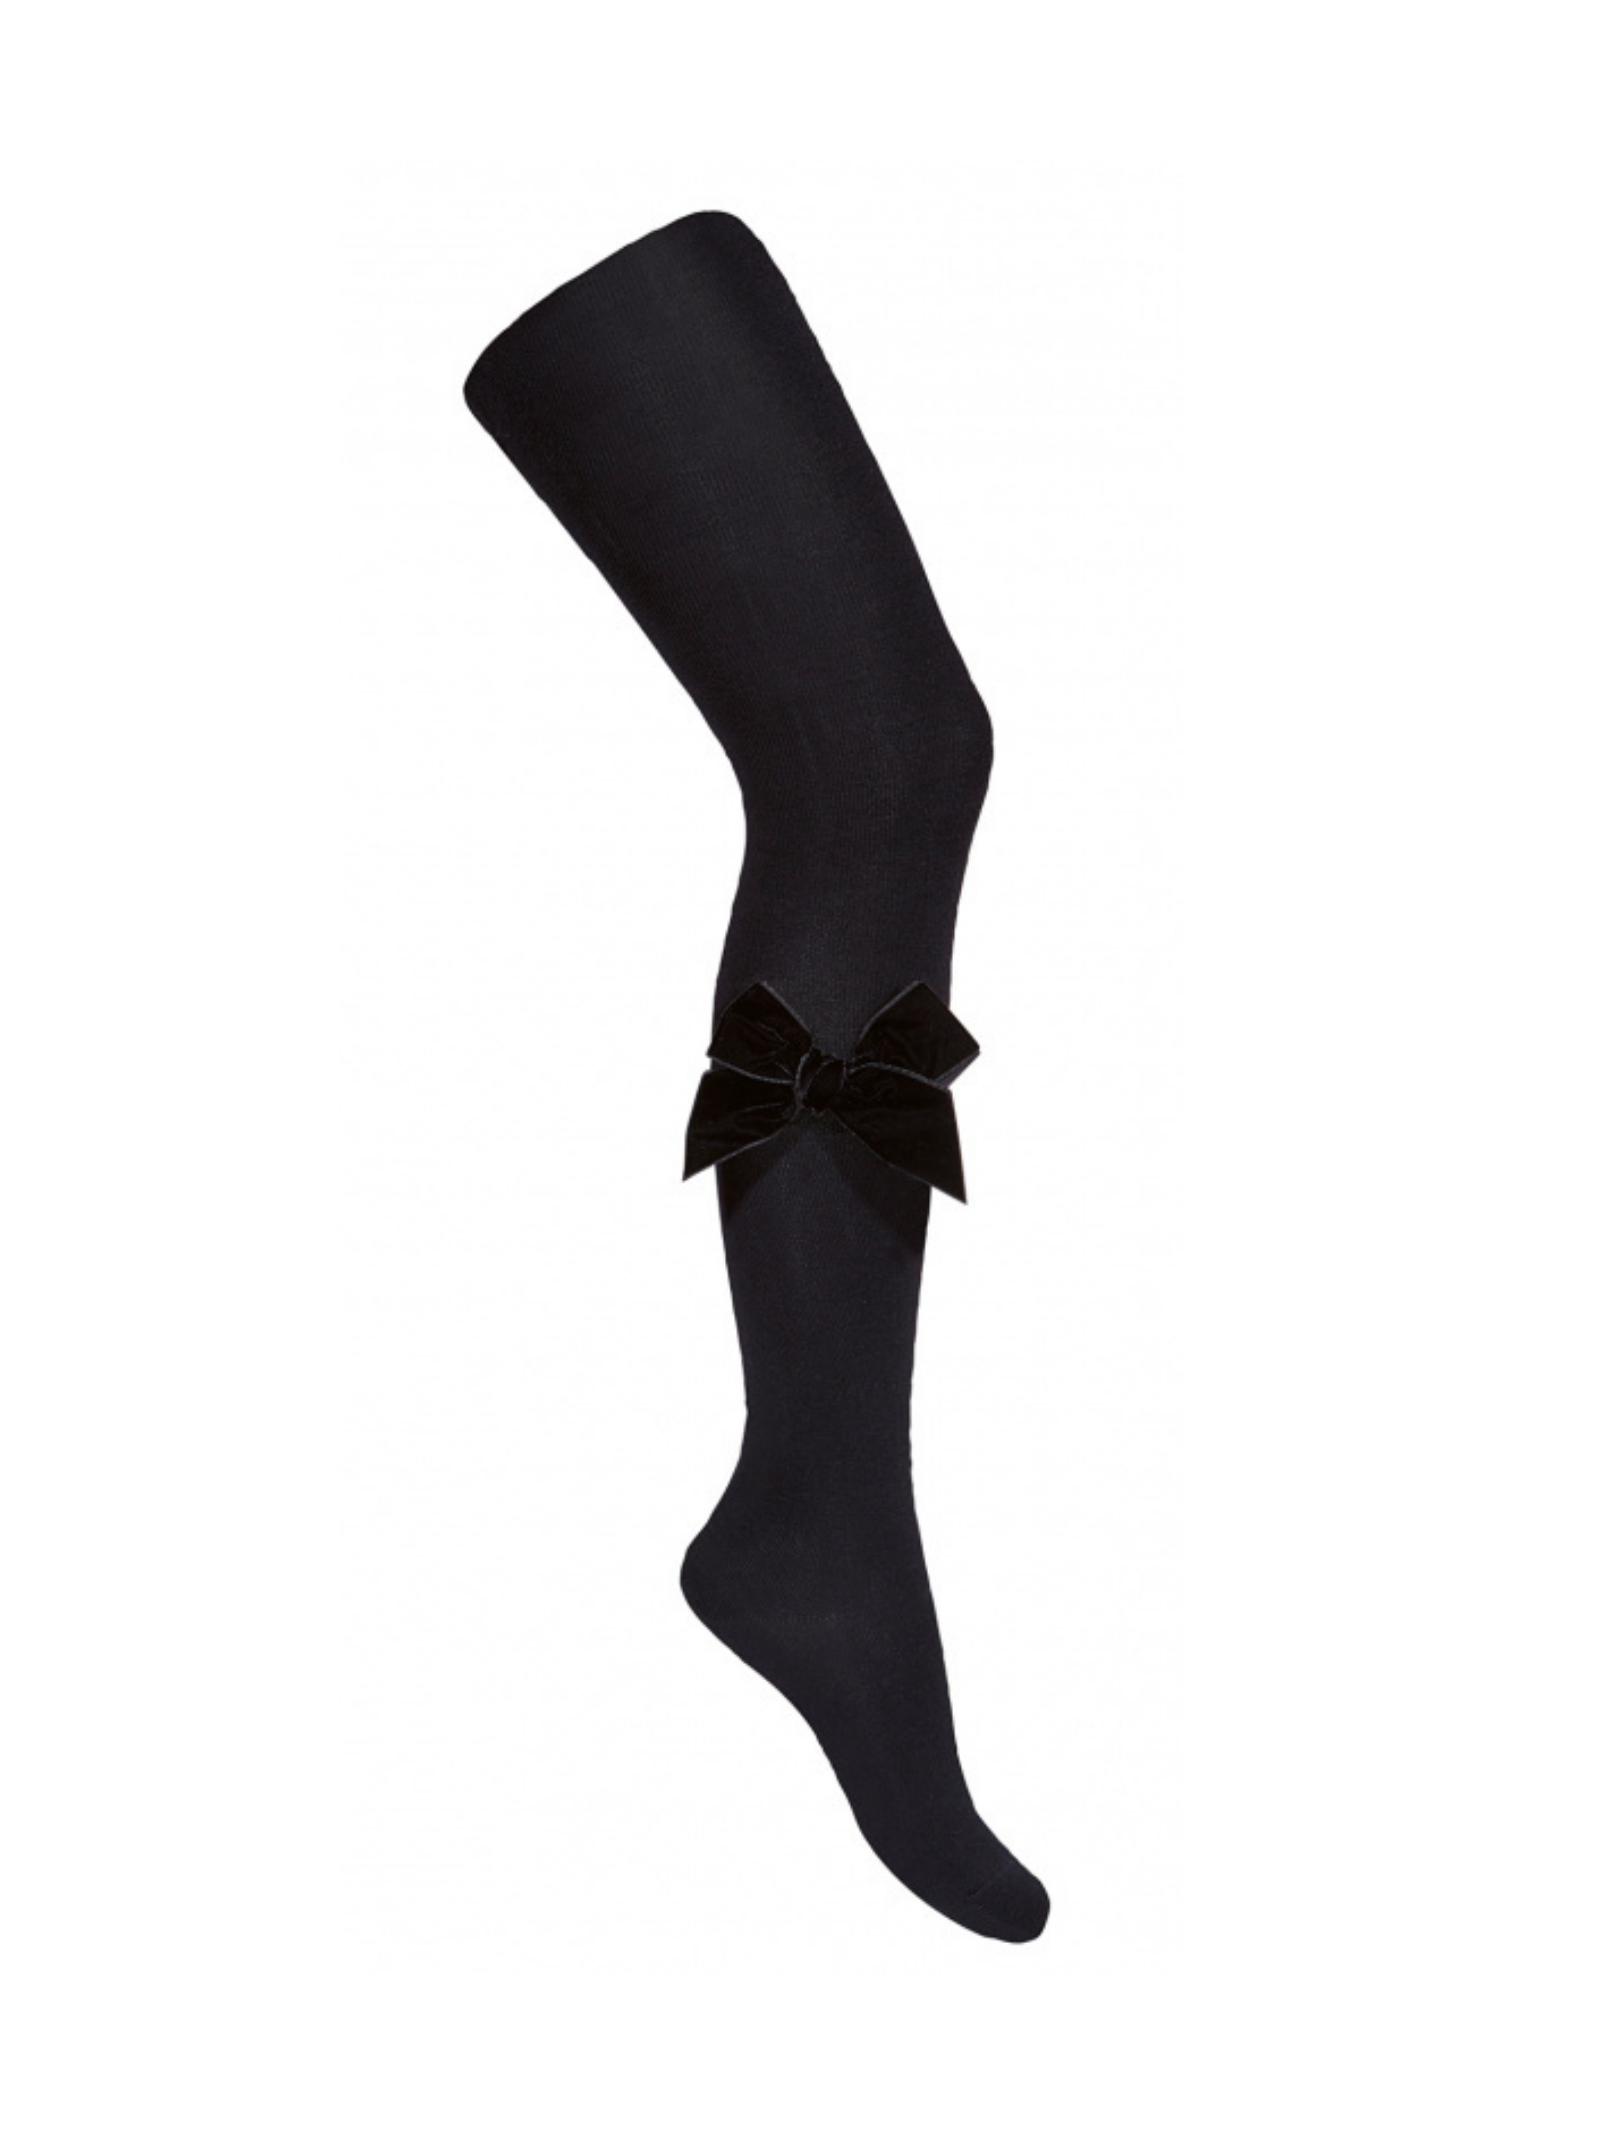 Velvet Bow Tights for Girls CONDOR |  | 24891900